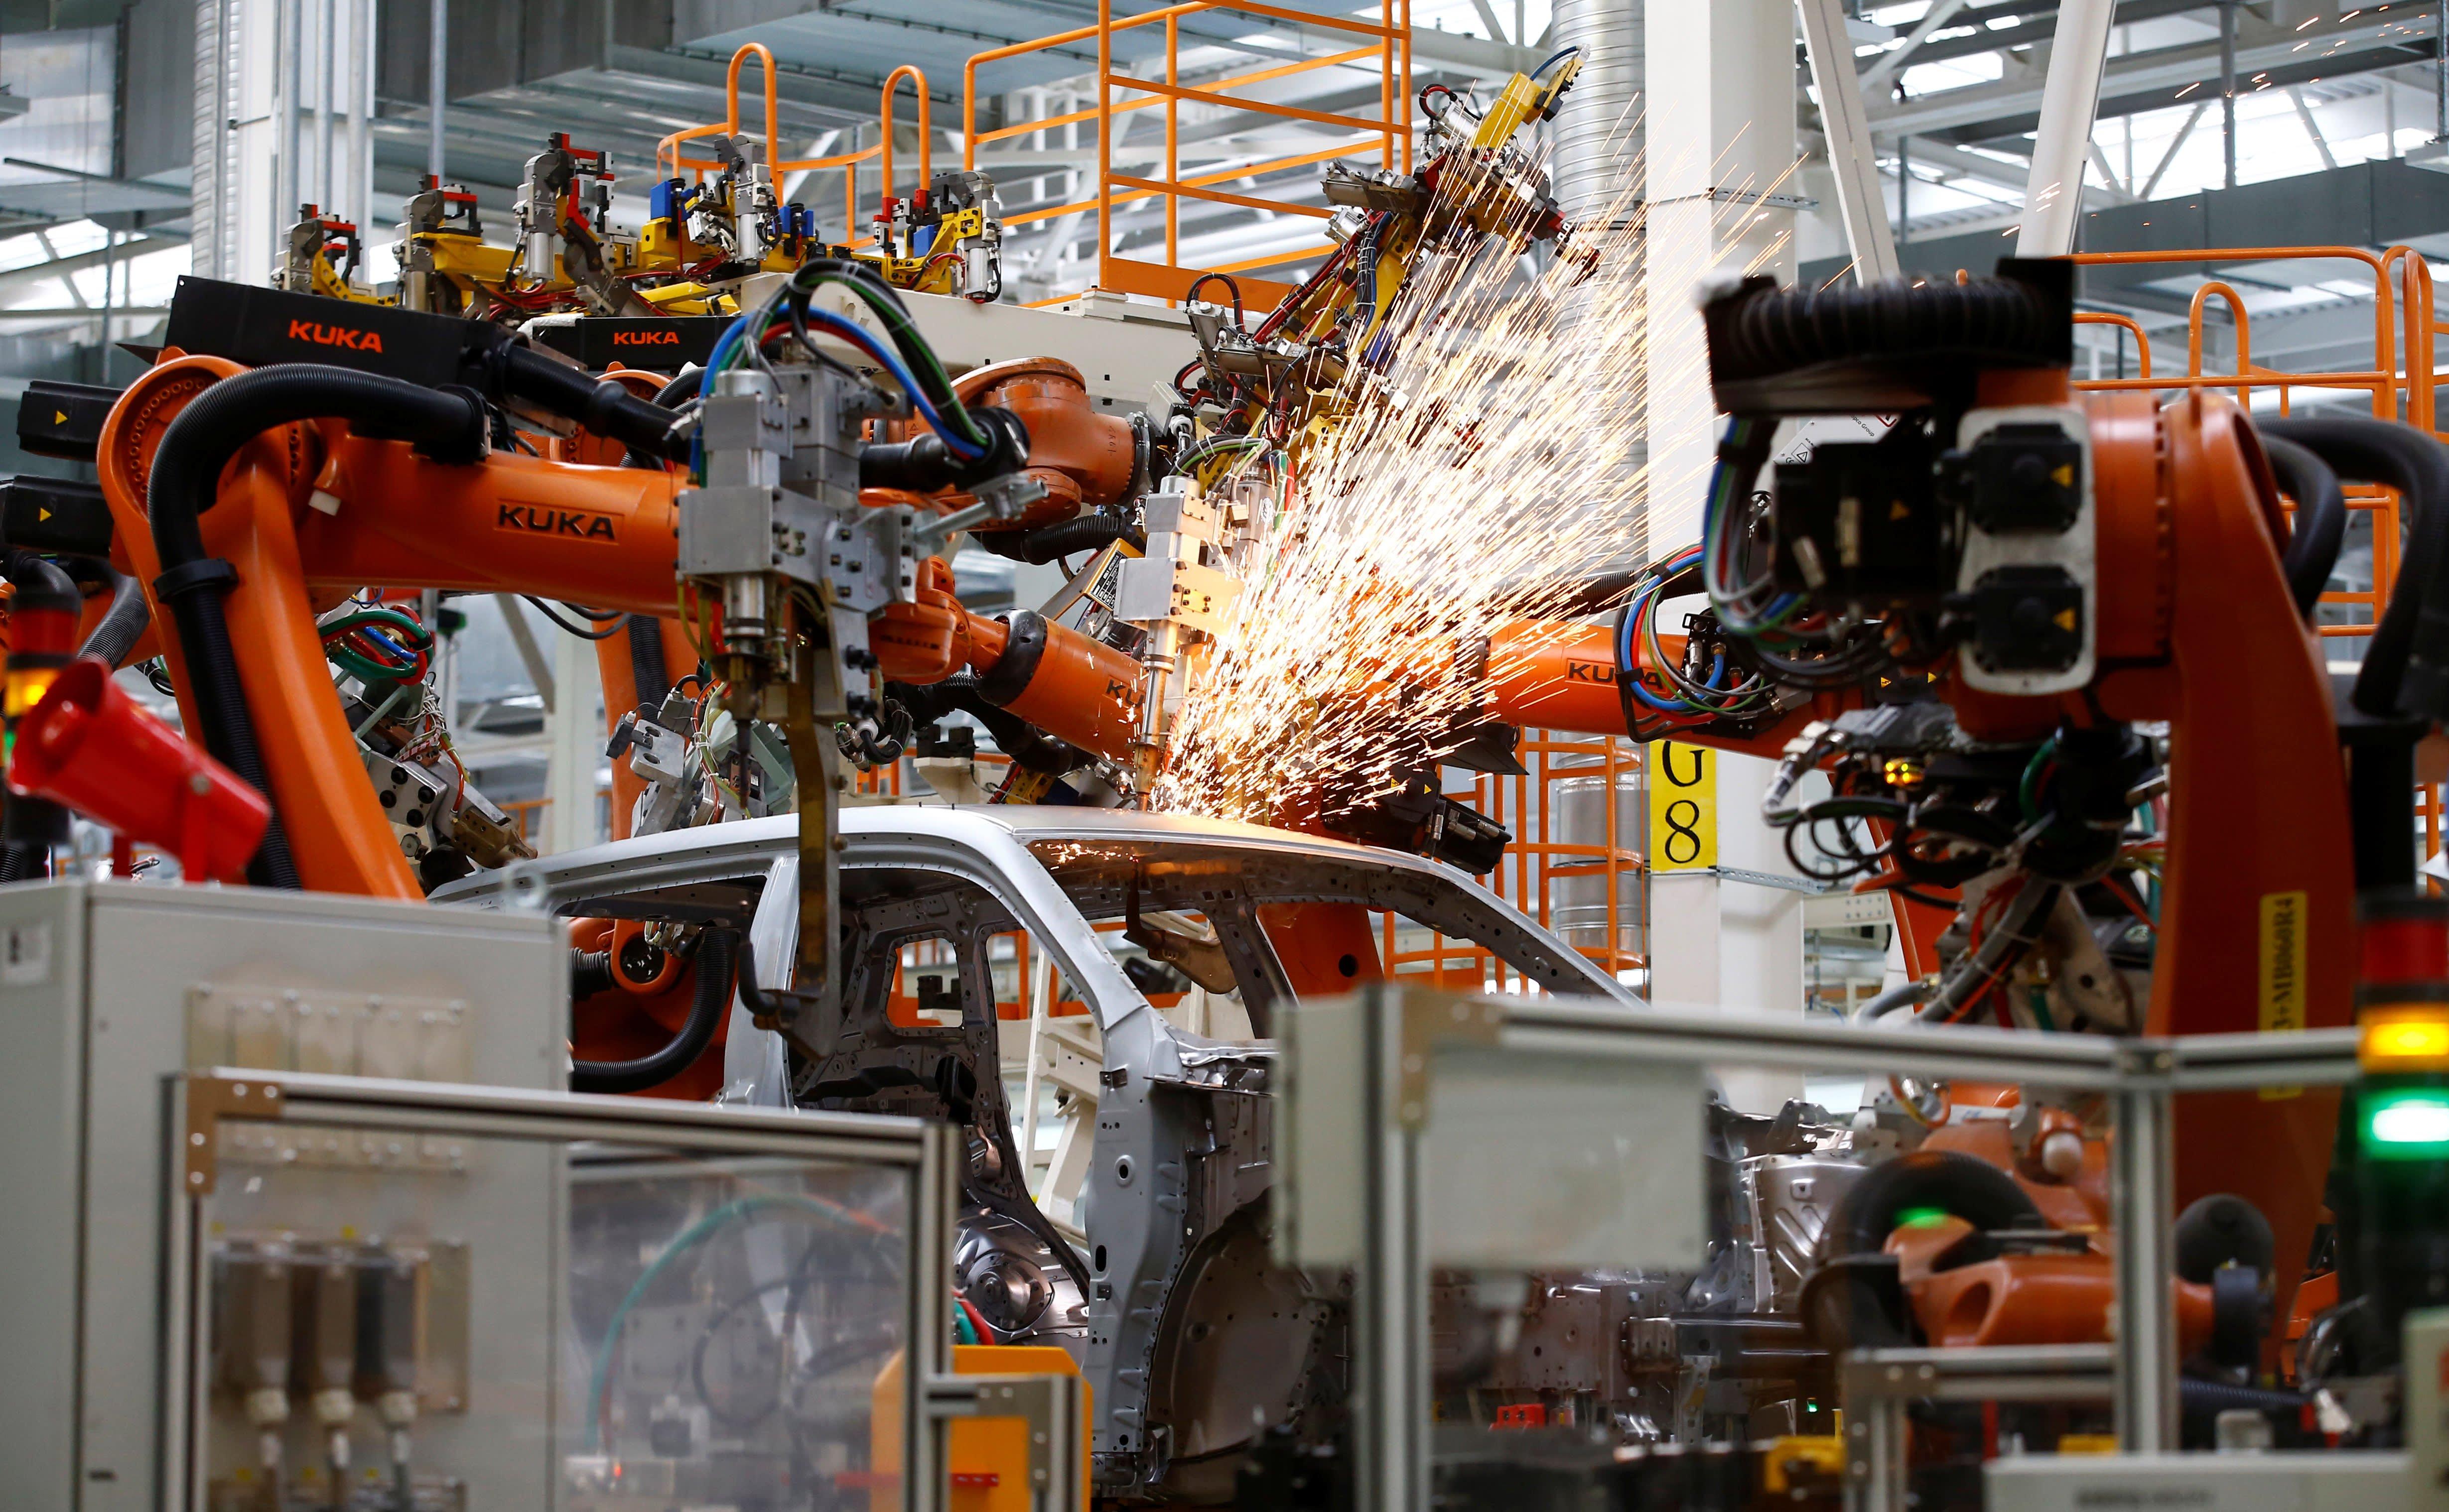 Автопромышленность Китая замедляется, поскольку машины не распродаются